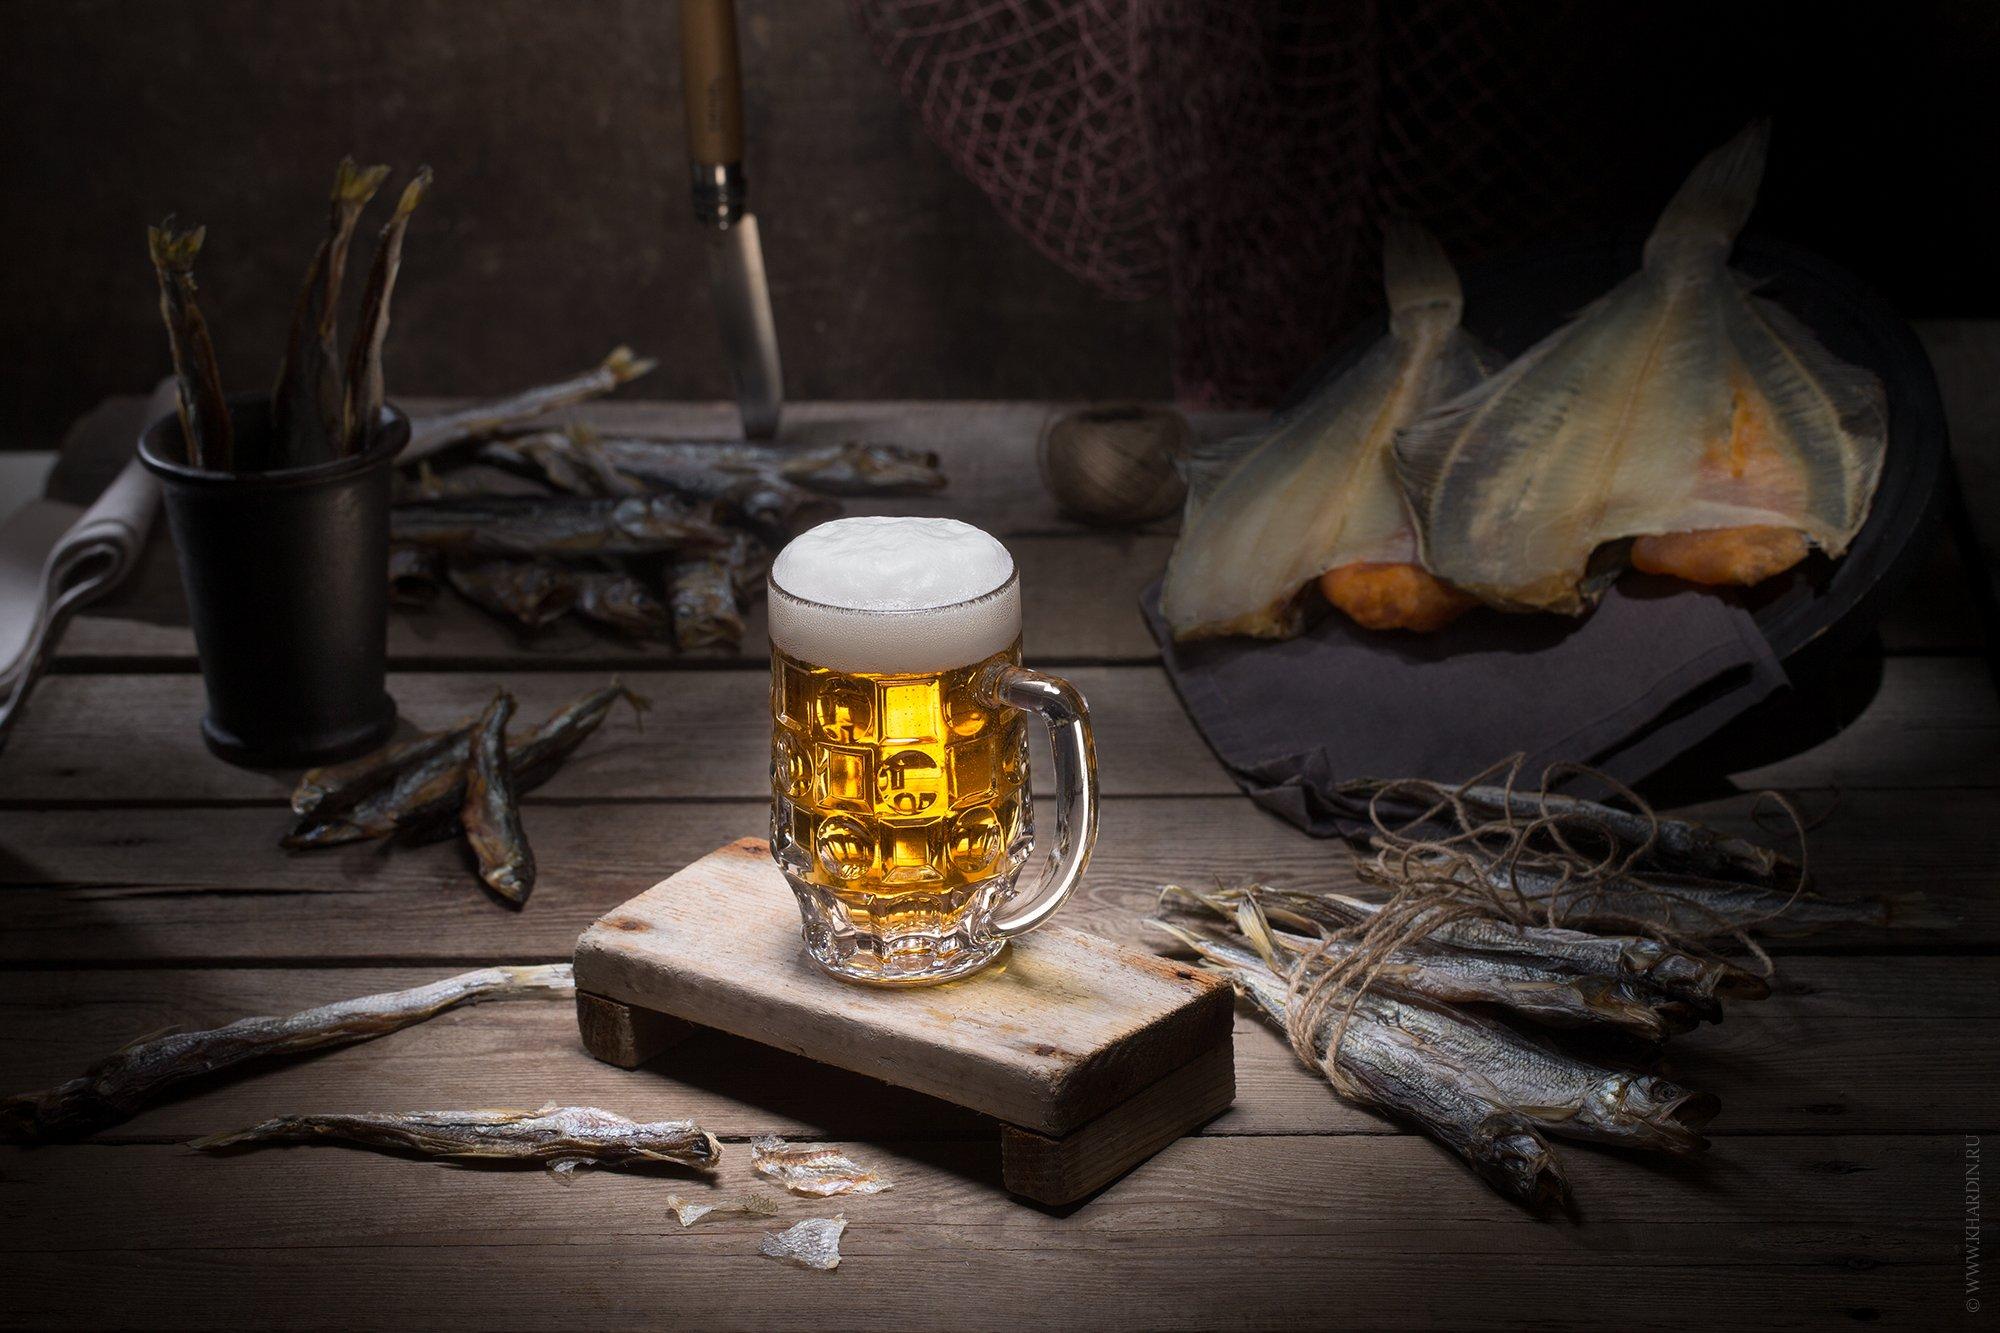 beer, noir, wood, rustic, Khardin Alexander